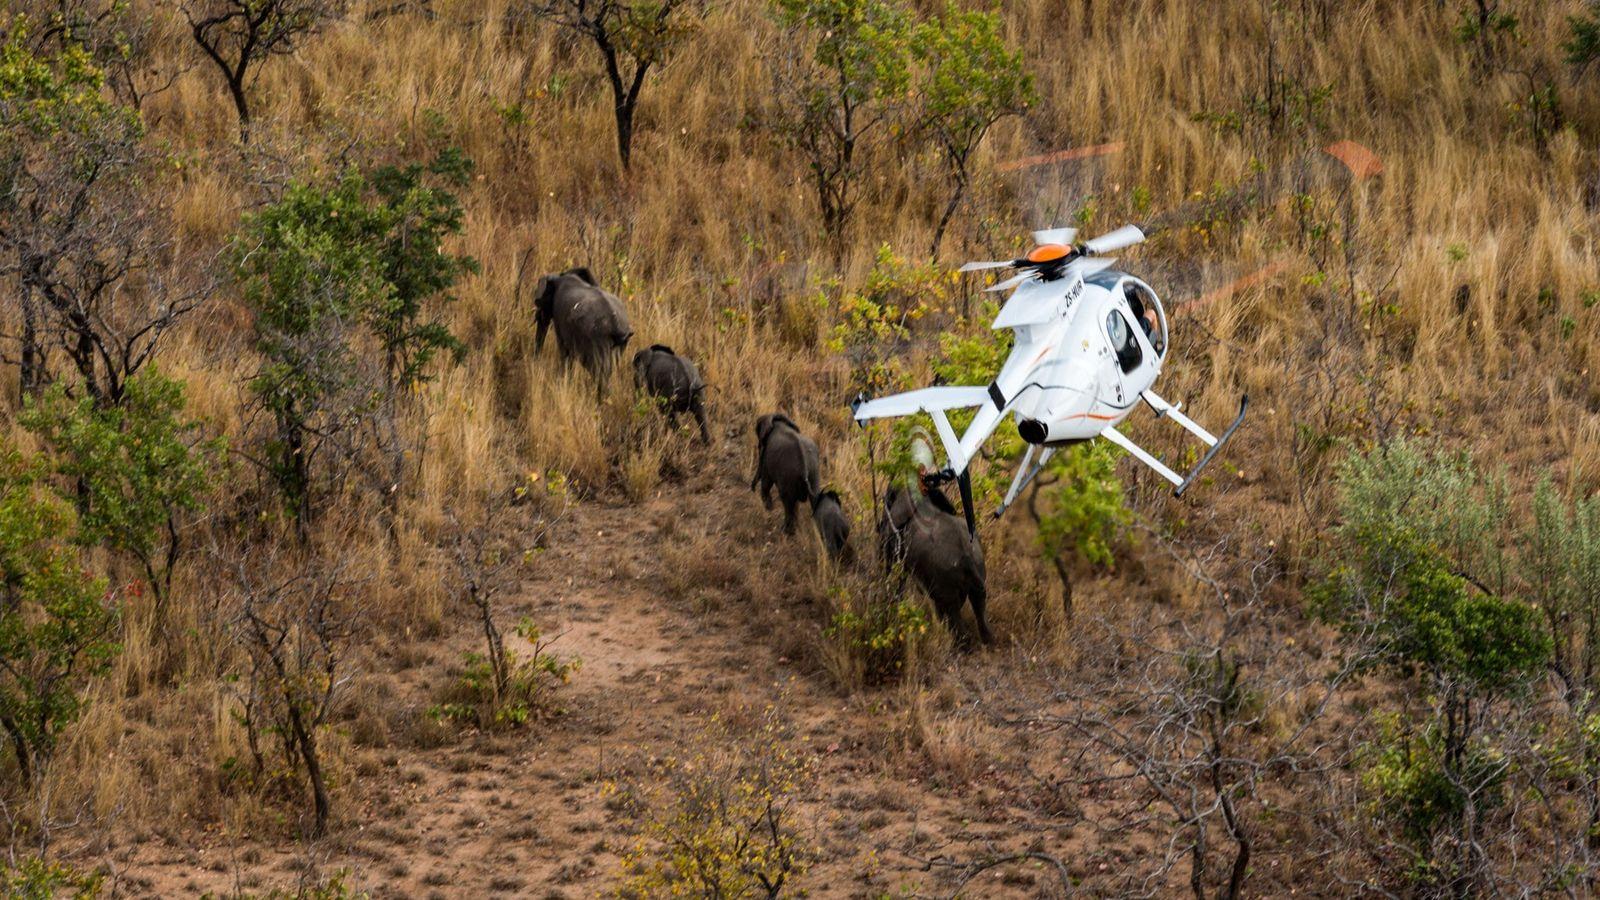 Os elefantes são atingidos por um dardo